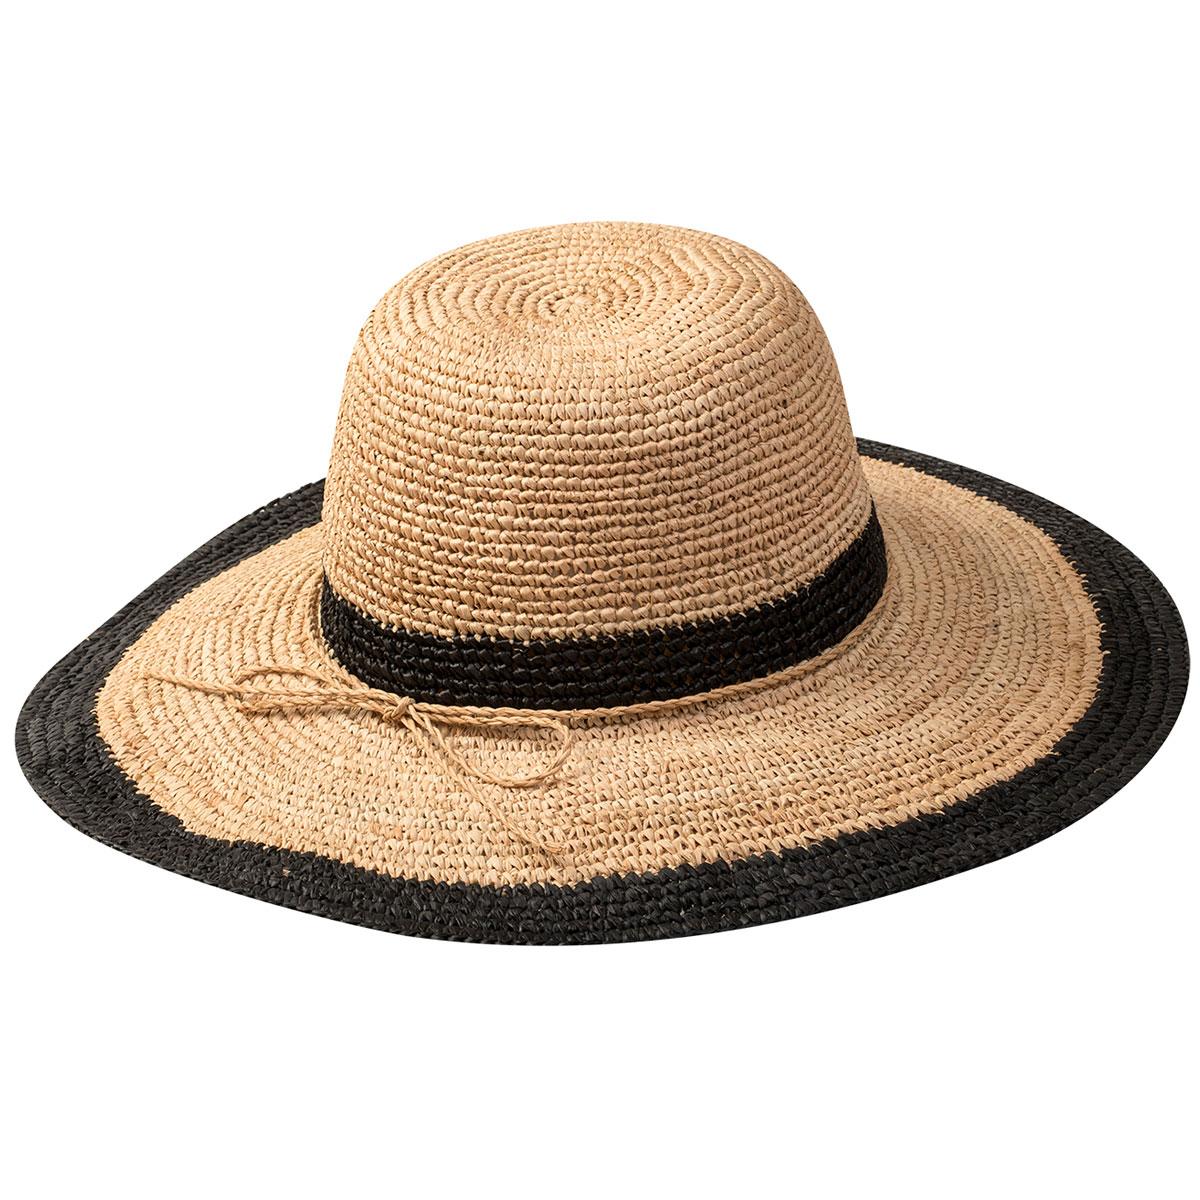 Pantropic Margate Raffia Wide Brim Sun Hat in Natural,Black